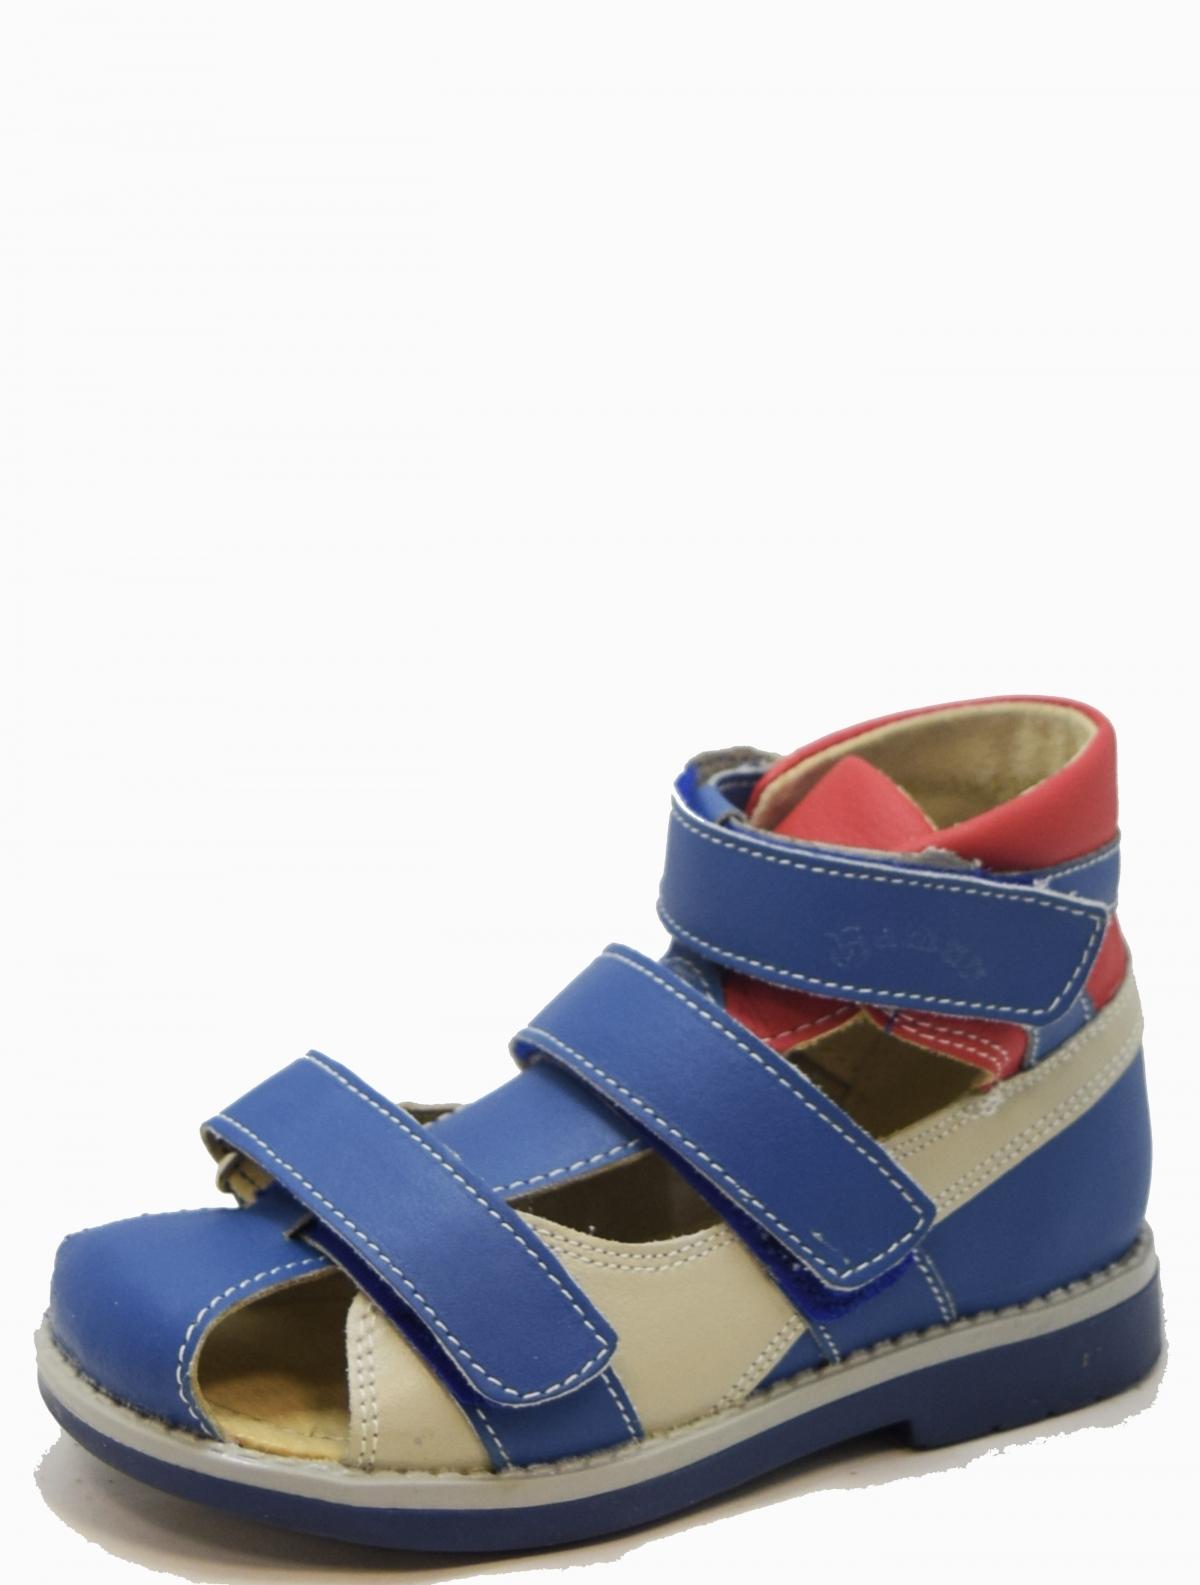 10119-2 сандали для мальчика